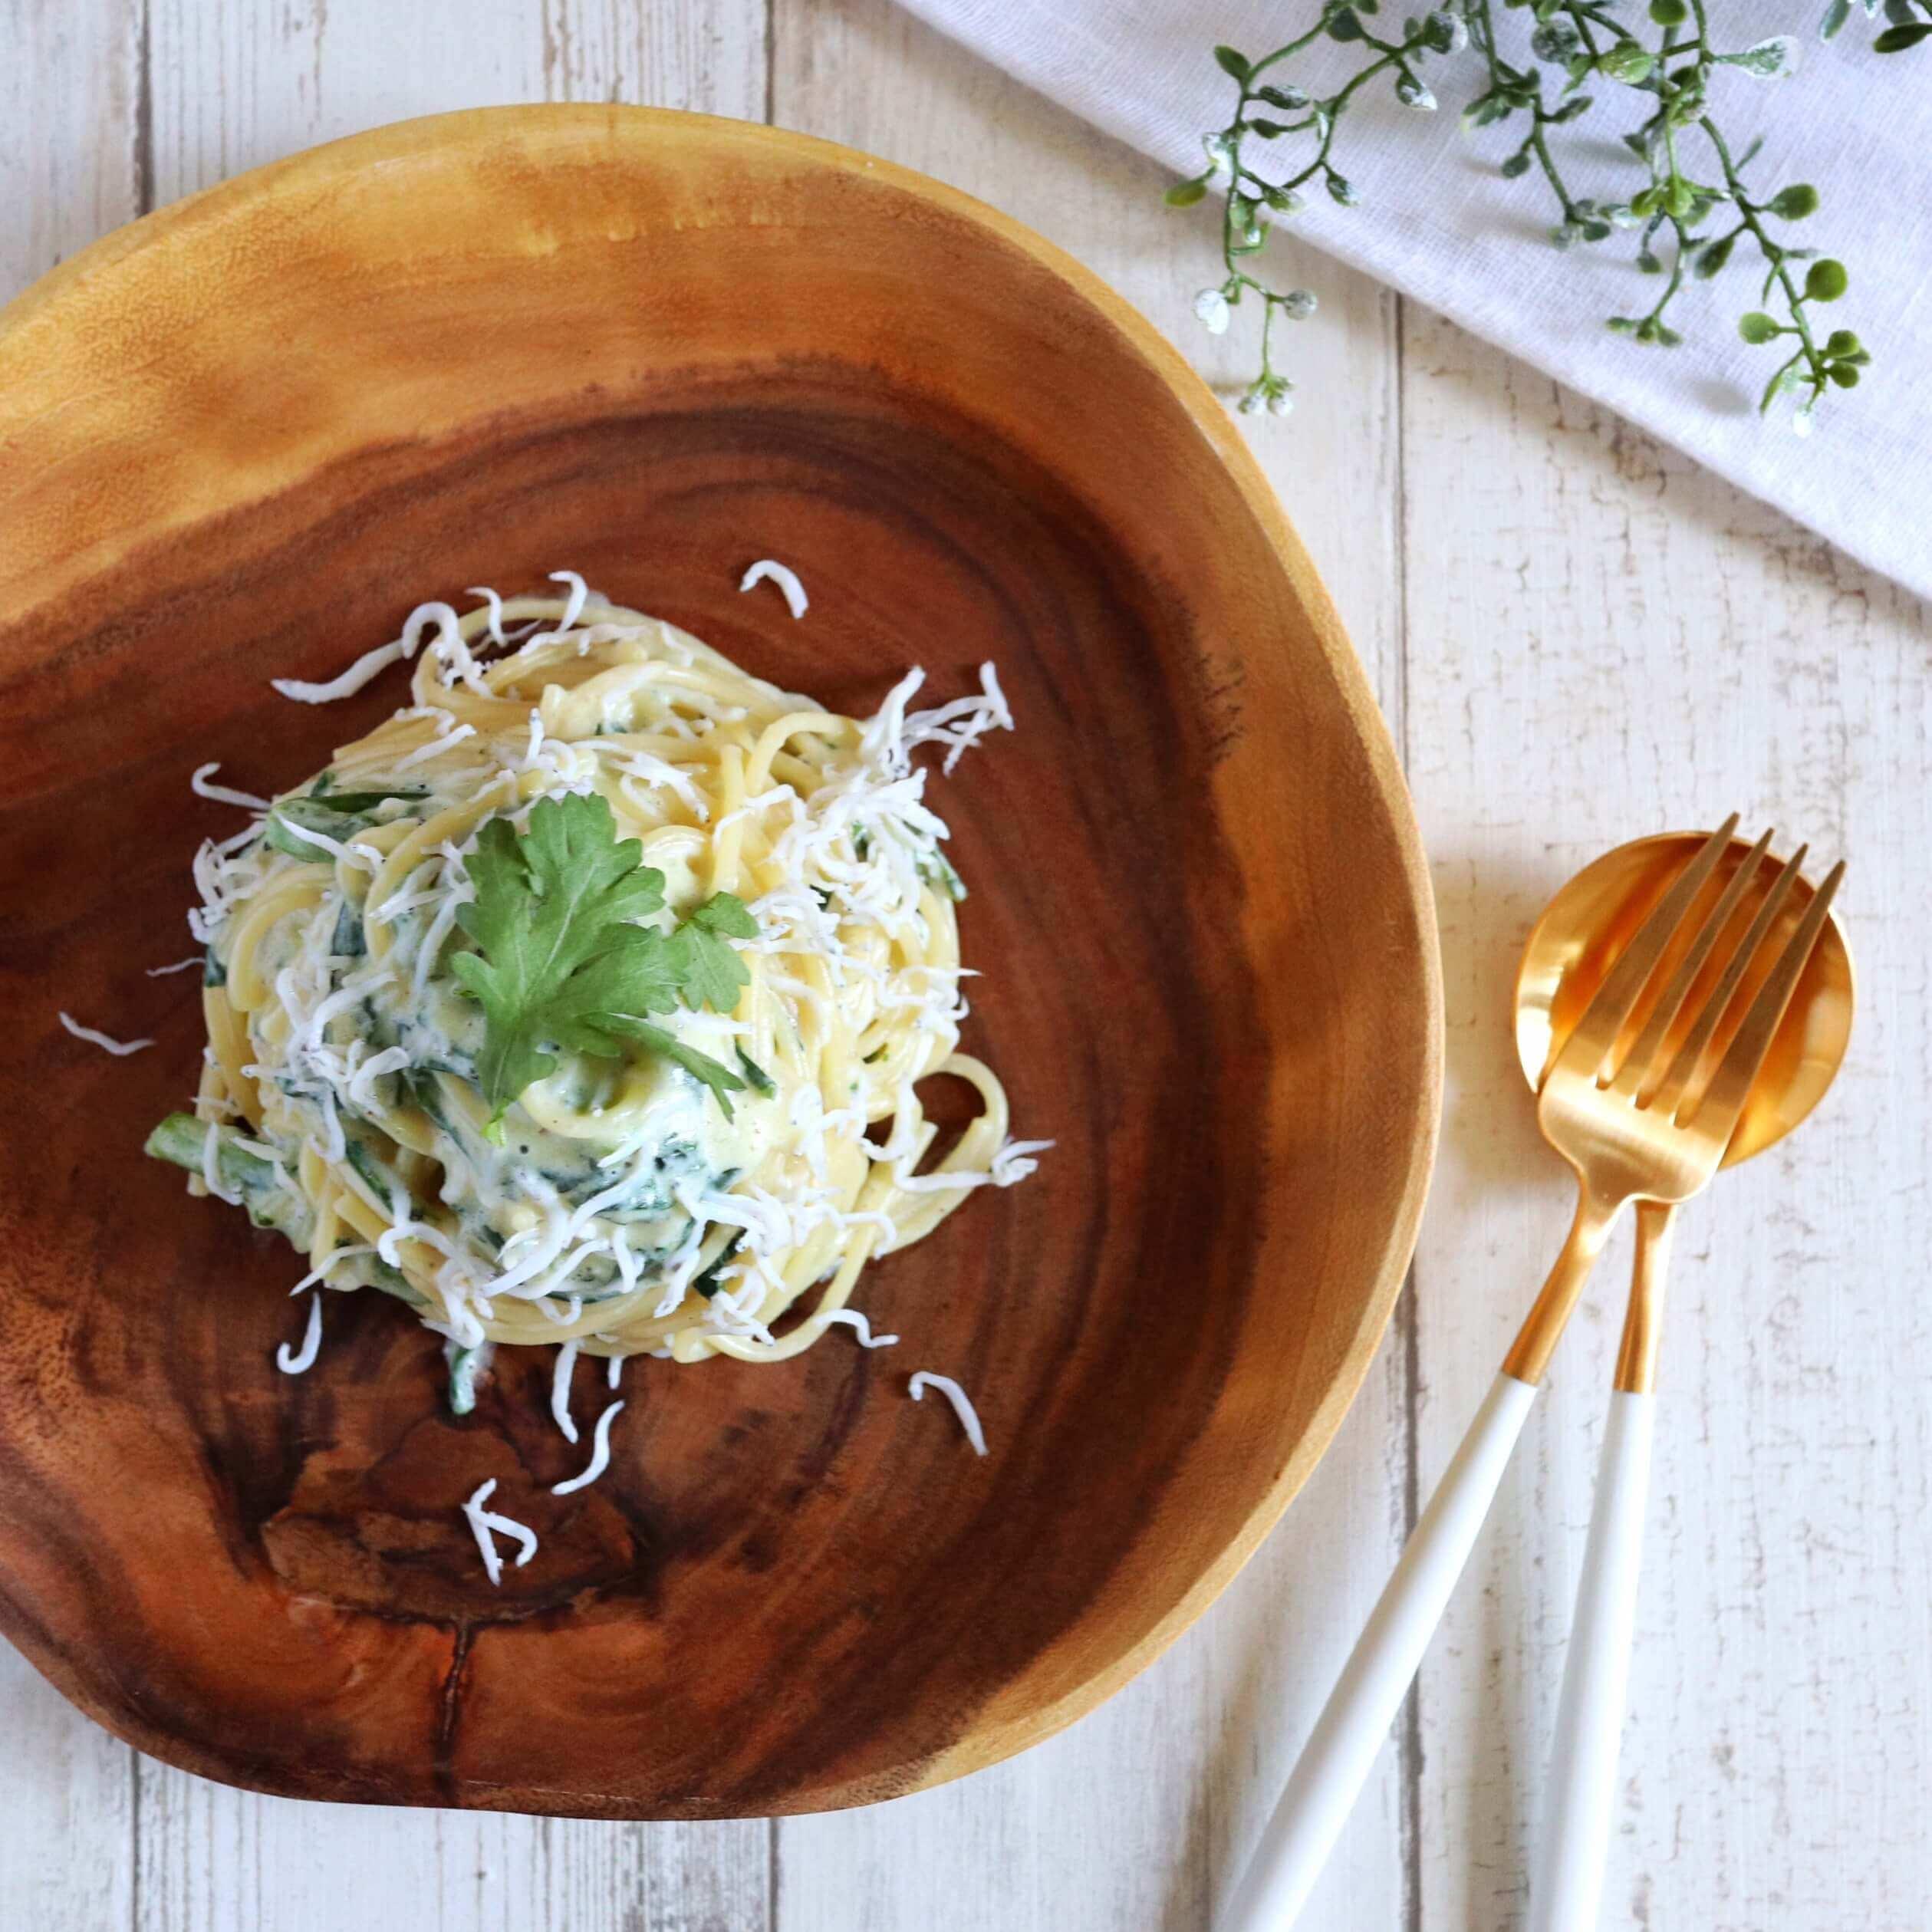 【大絶賛】しらすと春菊のクリームパスタのレシピ